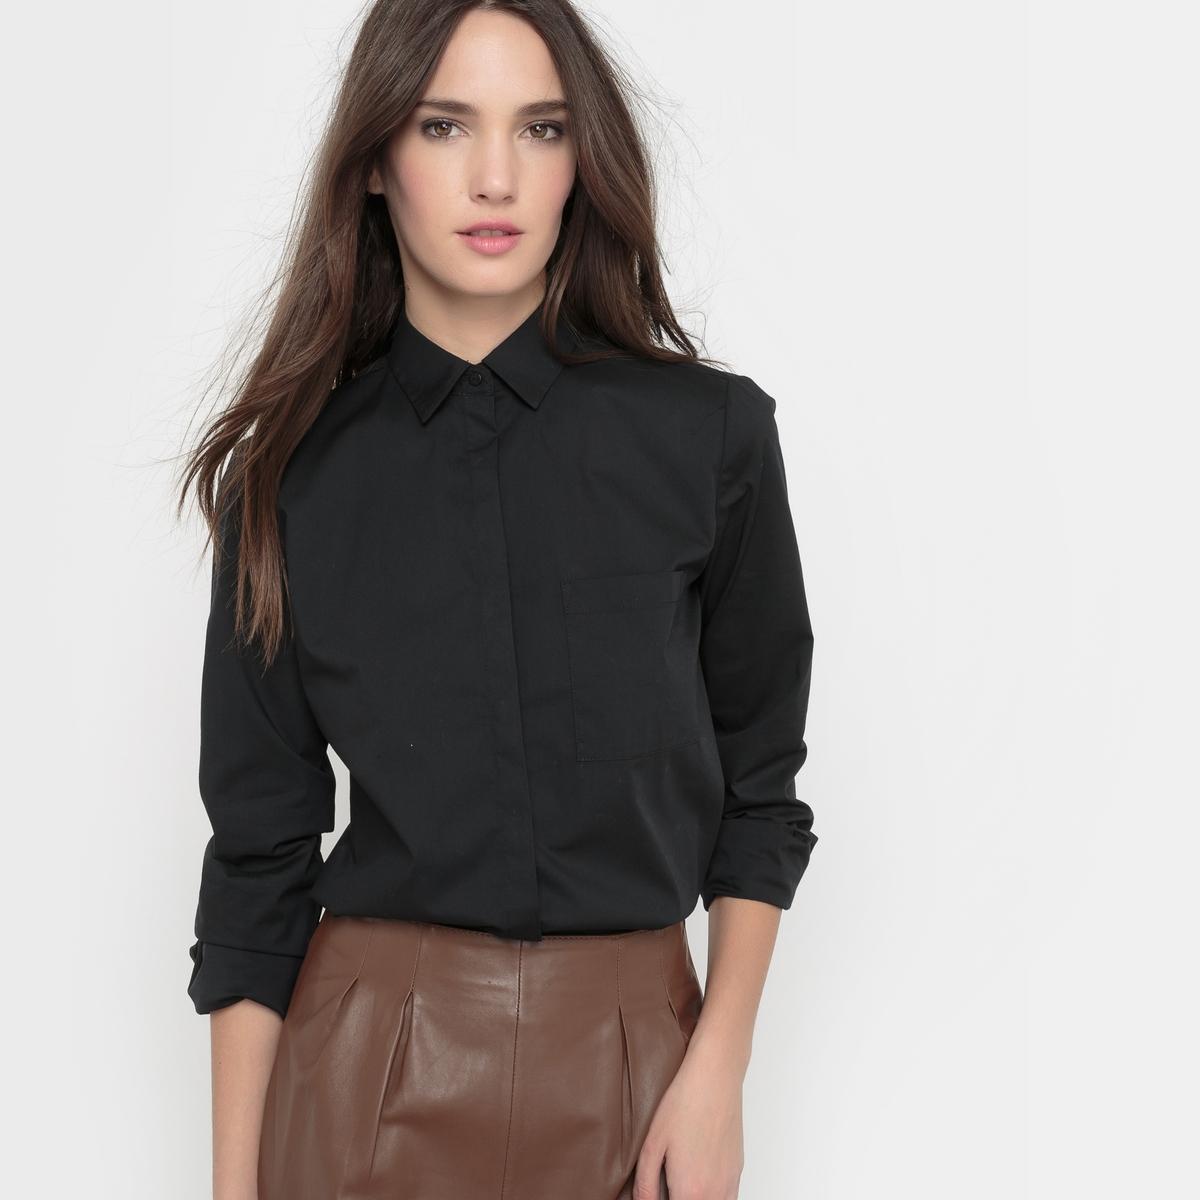 Рубашка однотонная из хлопкового поплина стрейч. Длинные рукава.Рубашка прямого покроя . Однотонный поплин стрейч 69% хлопка, 28% полиамида, 3% эластана. Длинные рукава, манжеты с пуговицами . Накладной нагрудный карман . Закругленный низ . Длина ок.70 см .<br><br>Цвет: черный